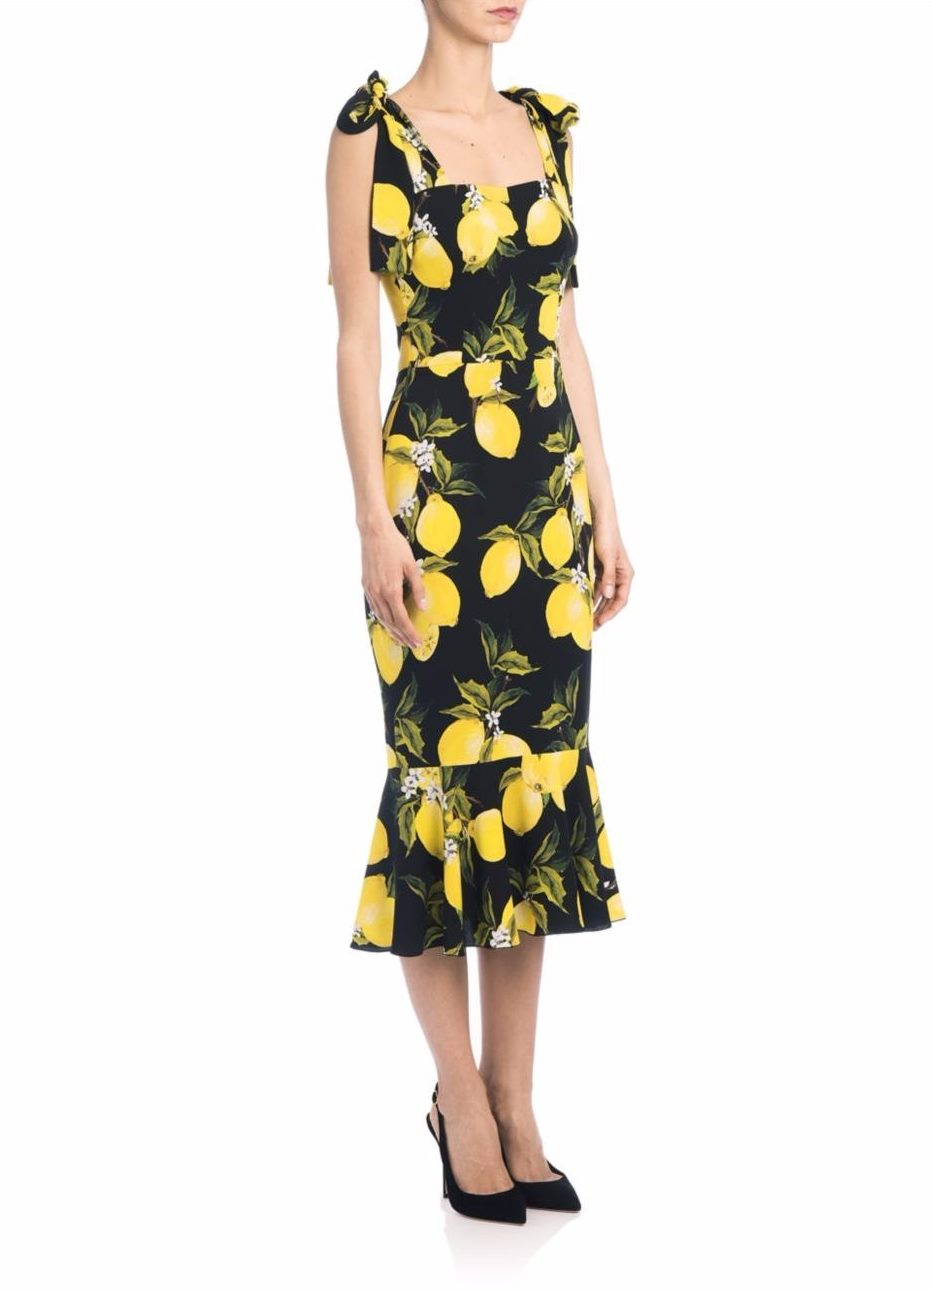 Платье с лимонами Дольче Габбана новые фото